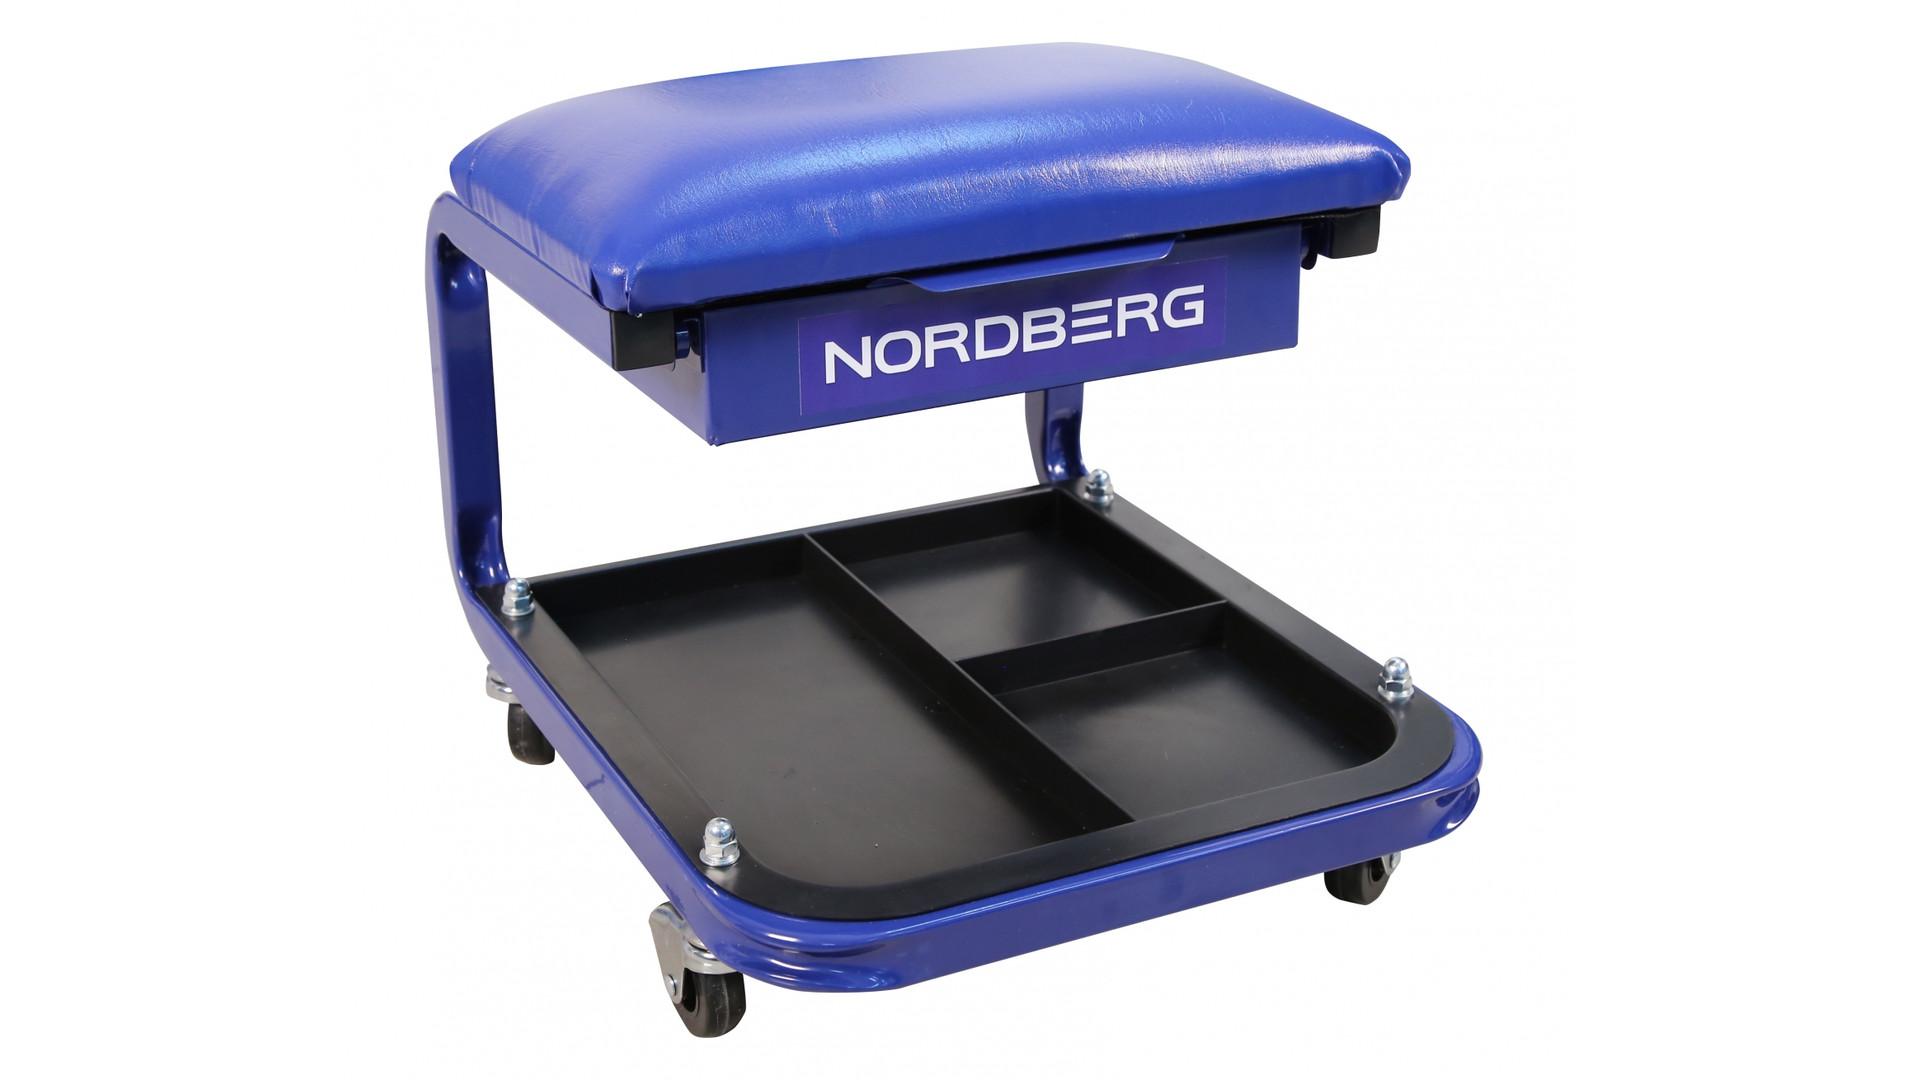 NORDBERG Сидение ремонтное на колесах с выдвижным ящиком